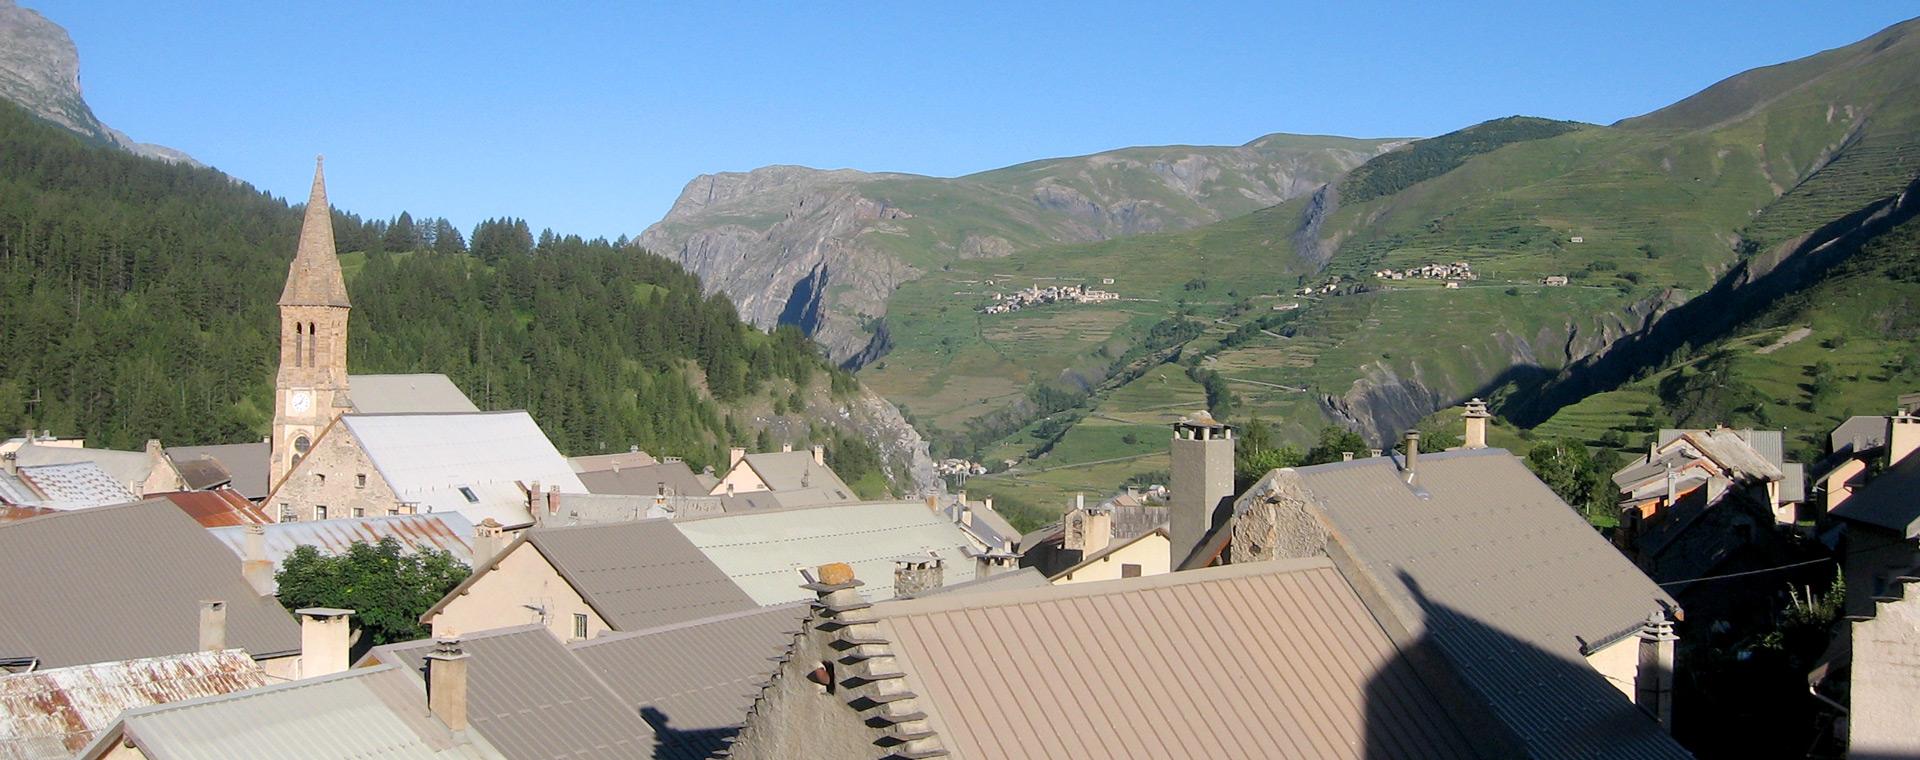 Image Balcons et Villages de l'Oisans